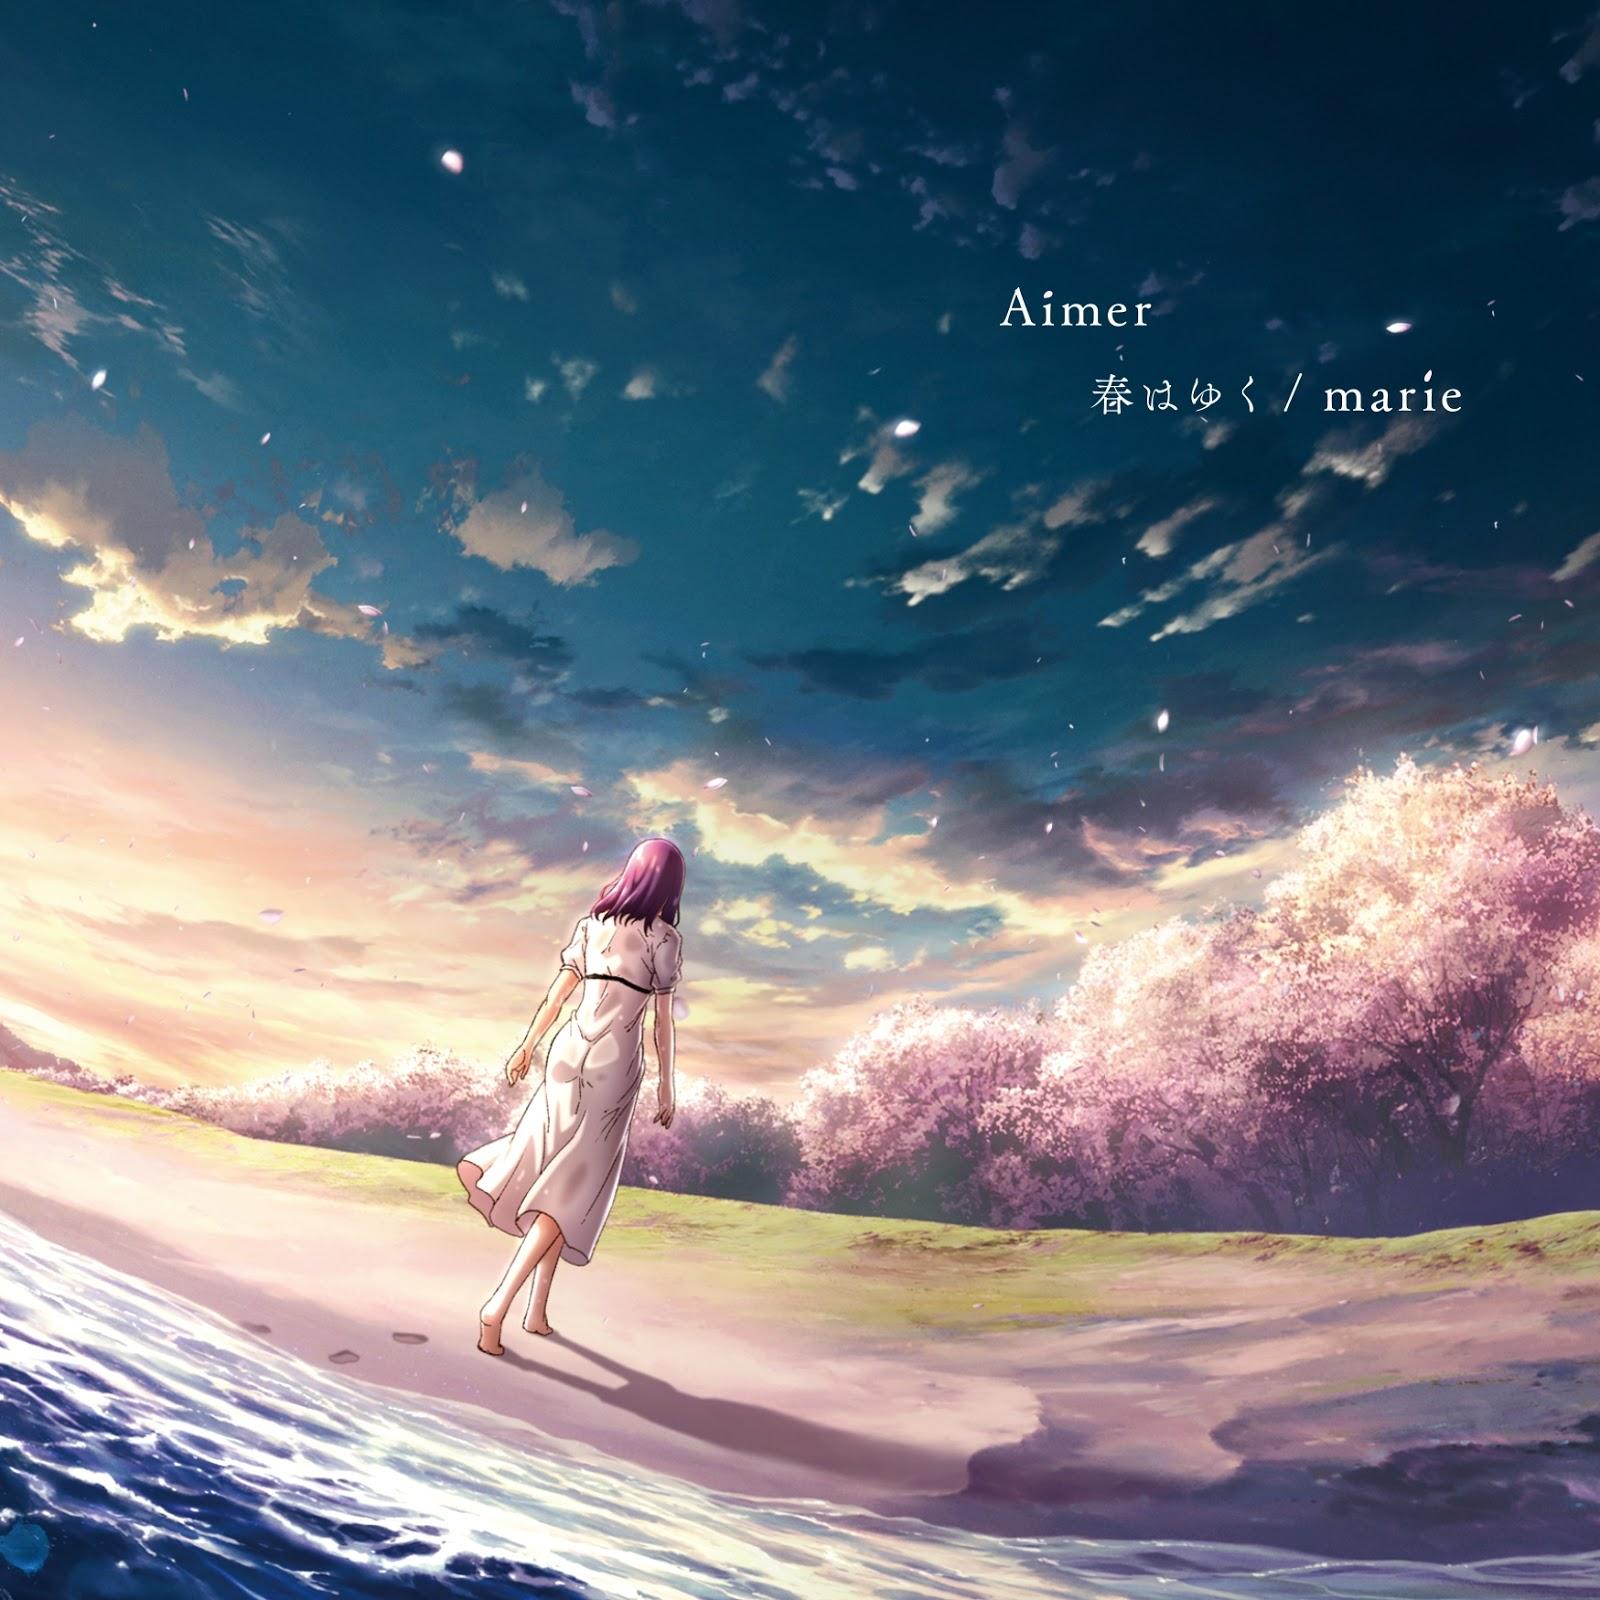 Aimer - Haru wa Yuku Lyrics | Dreamsland Lyrics☆Nakari Amane